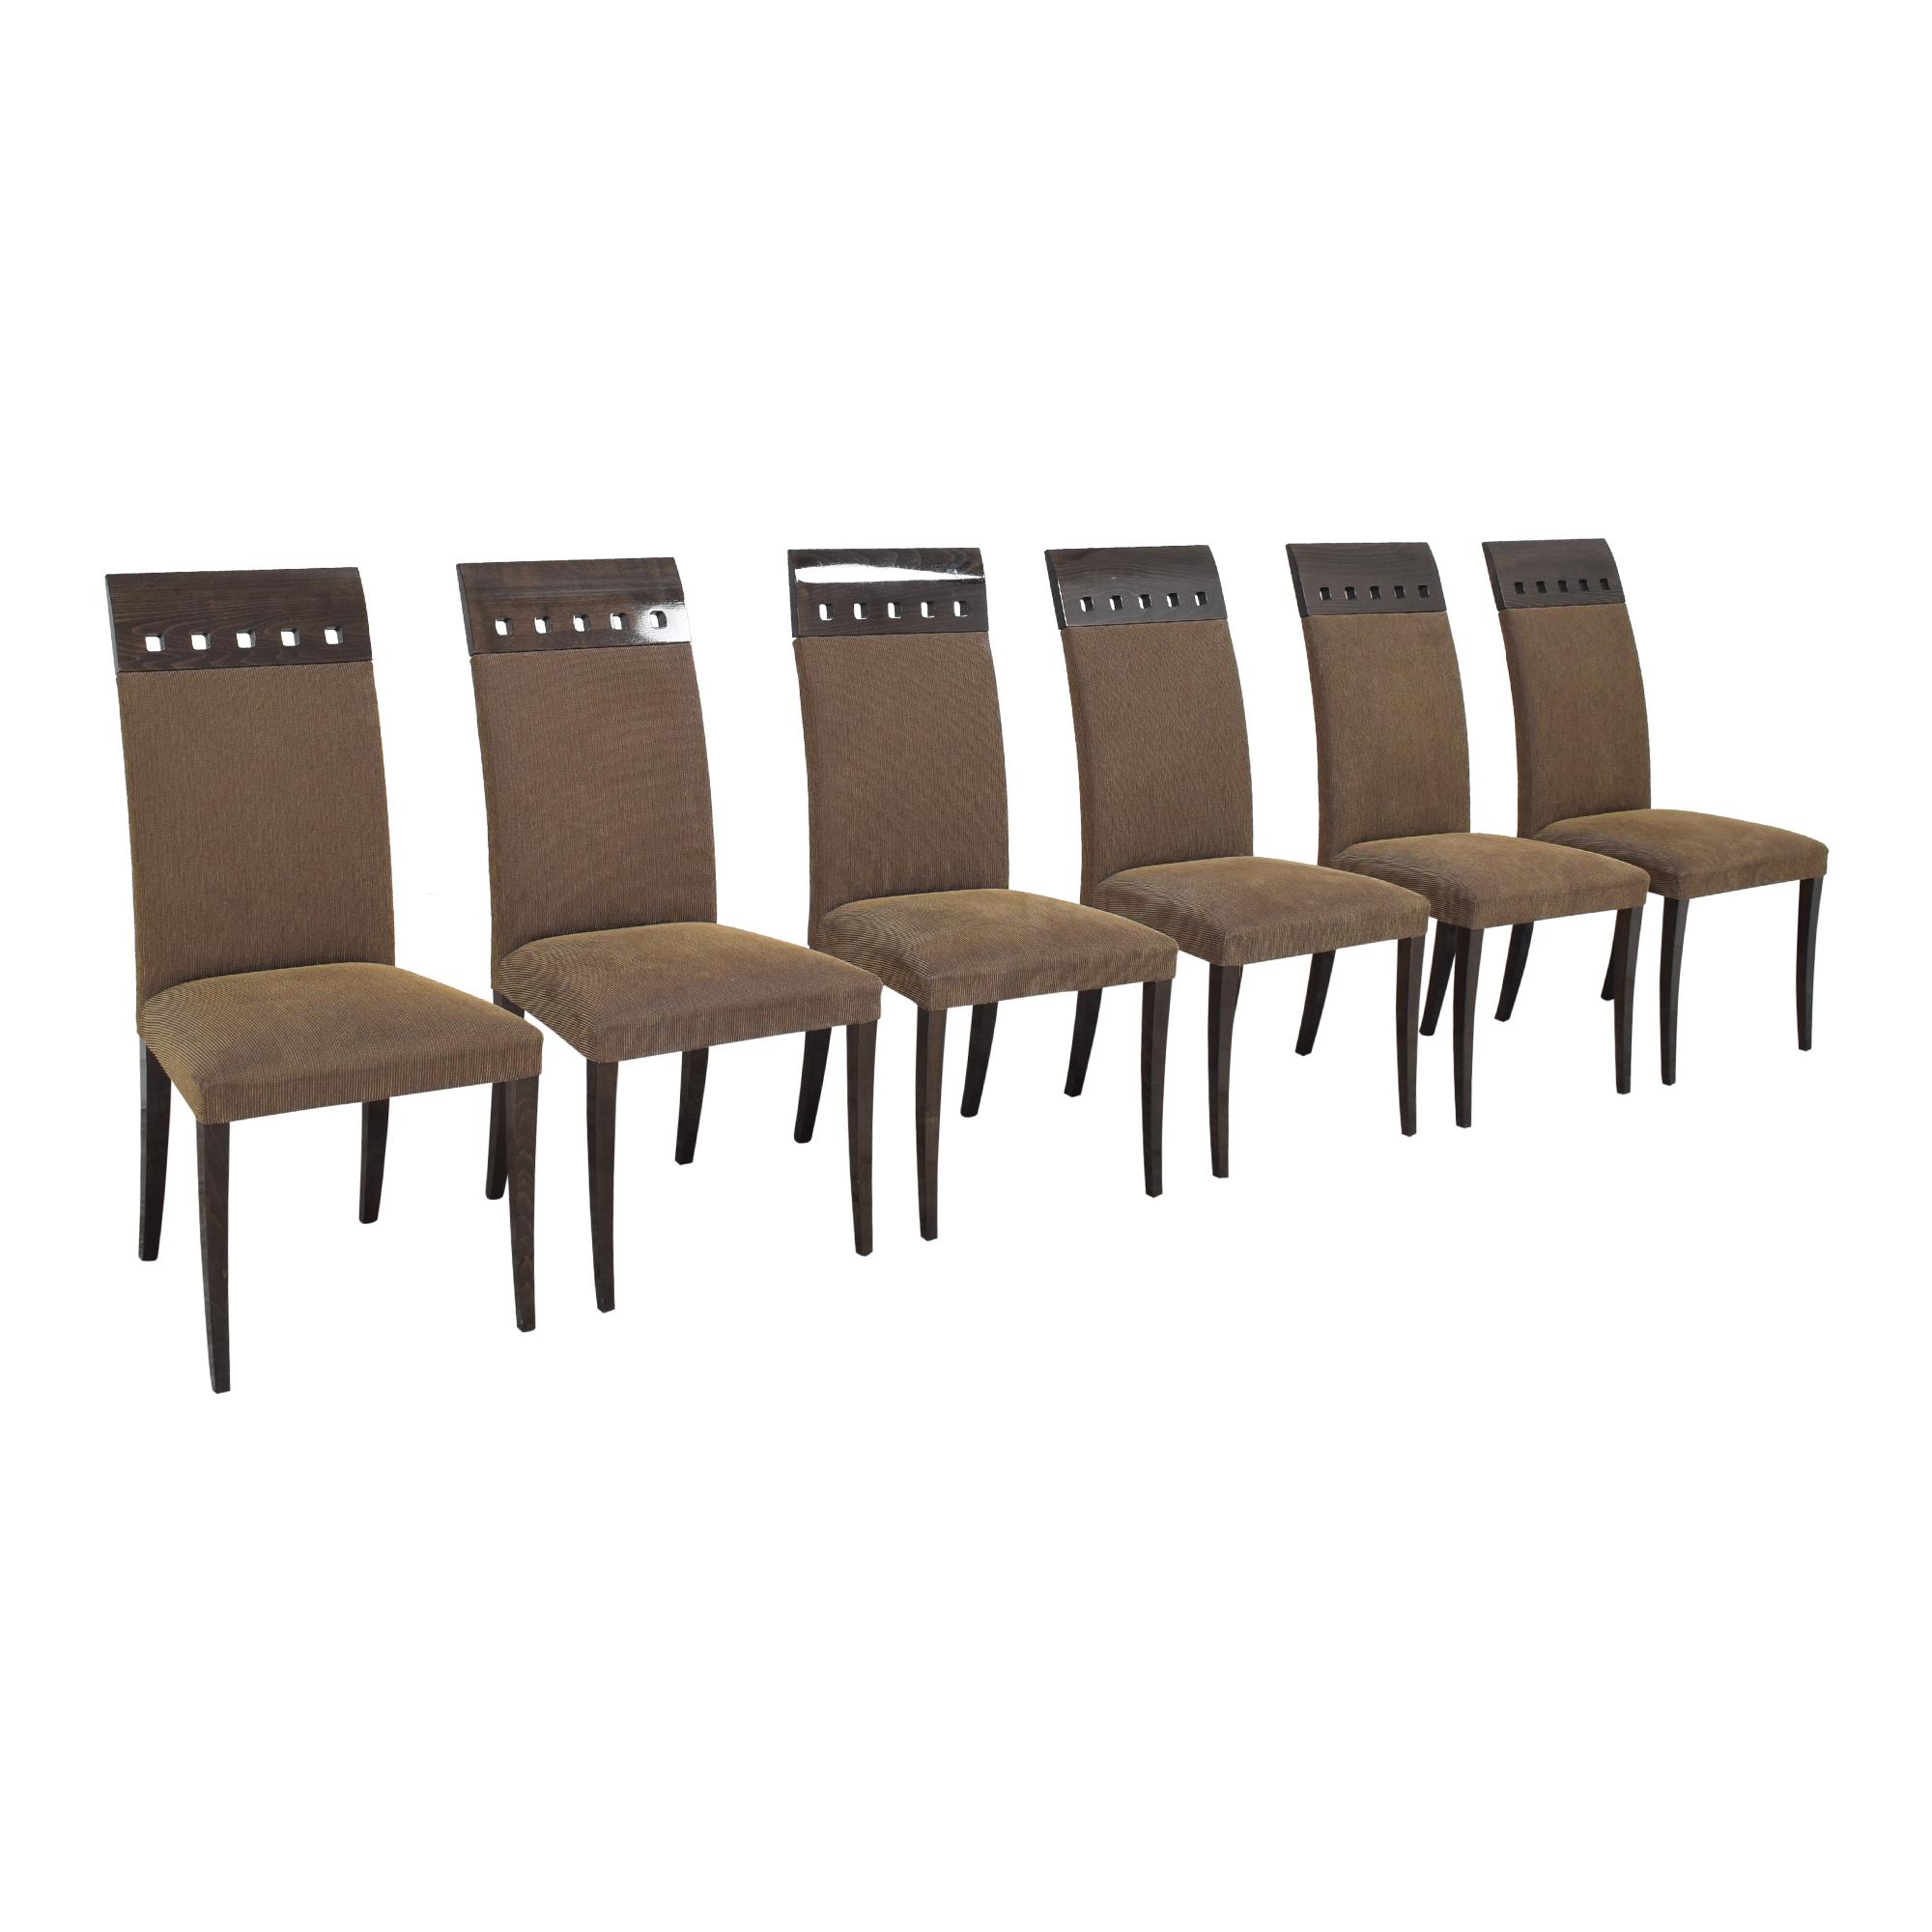 Pietro Costantini Pietro Costantini Waldorf Dining Side Chairs nj